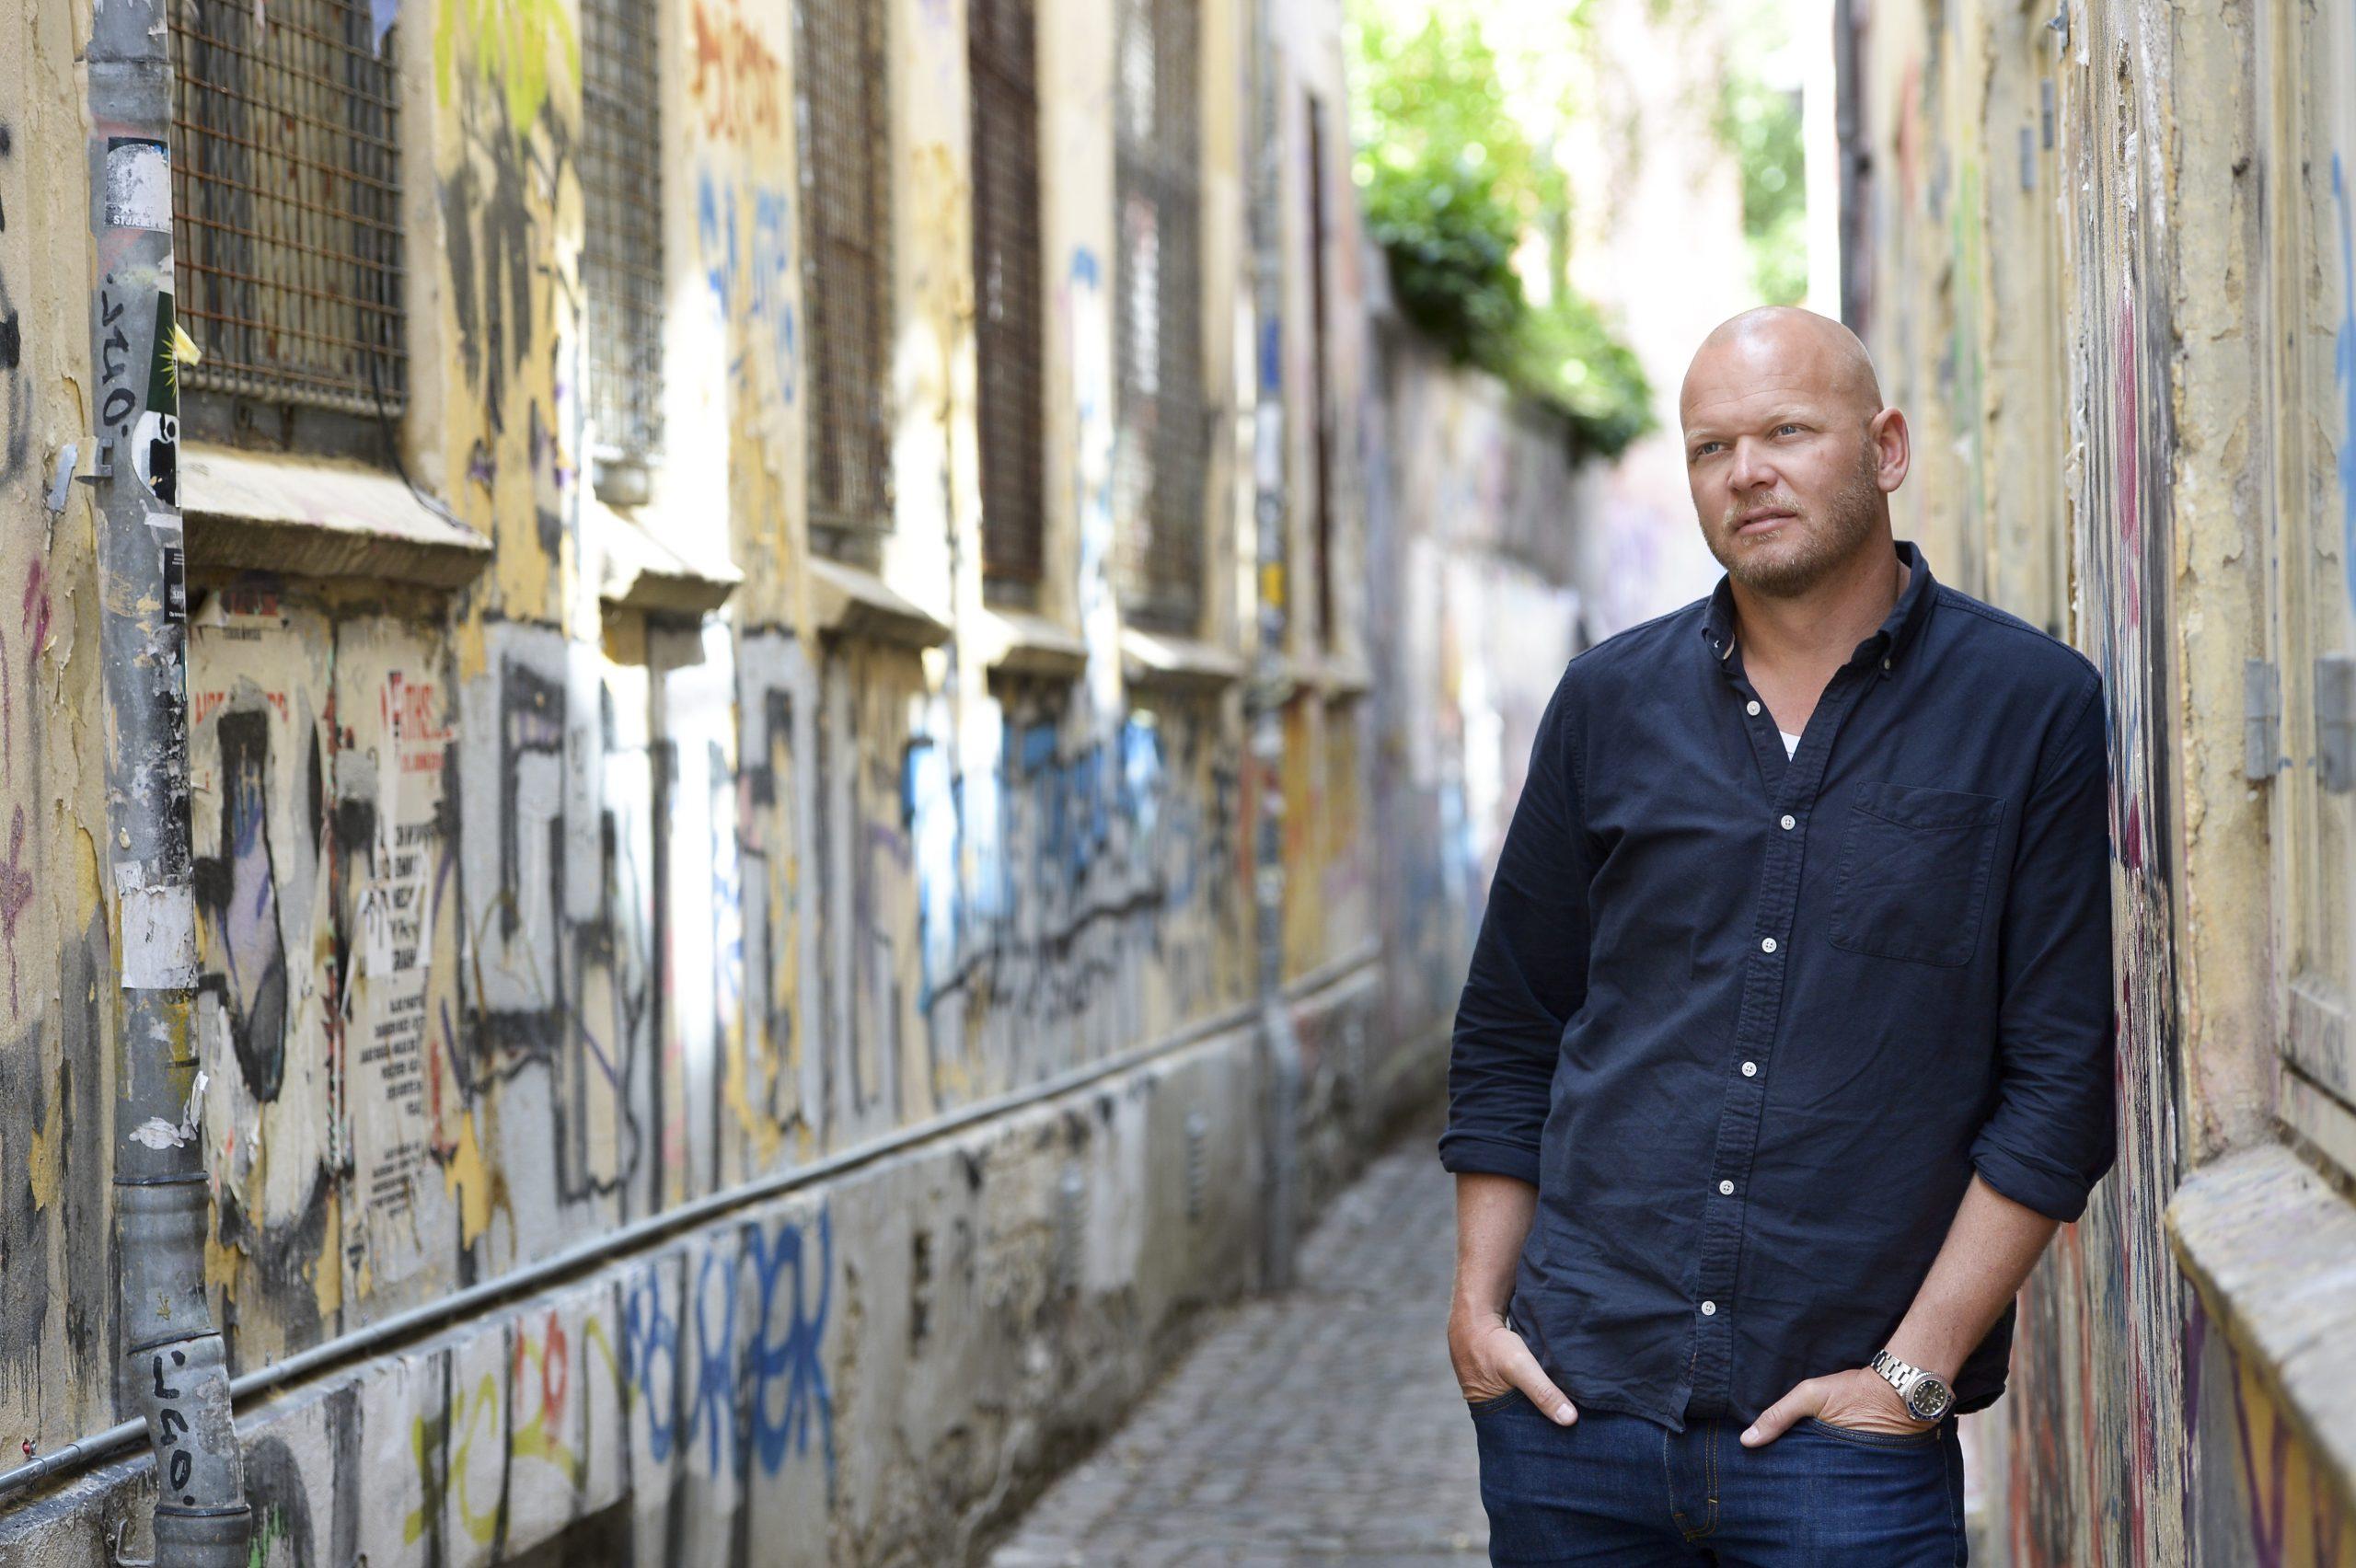 42-årige Mads Bygballe Christiansen ejer i forvejen en række rejsebureau via sin Sunway Group. Nu bliver han medinvestor i det nye Bravo Tours og bestyrelsesformand for samme. Arkivfoto: Michael Bygballe.